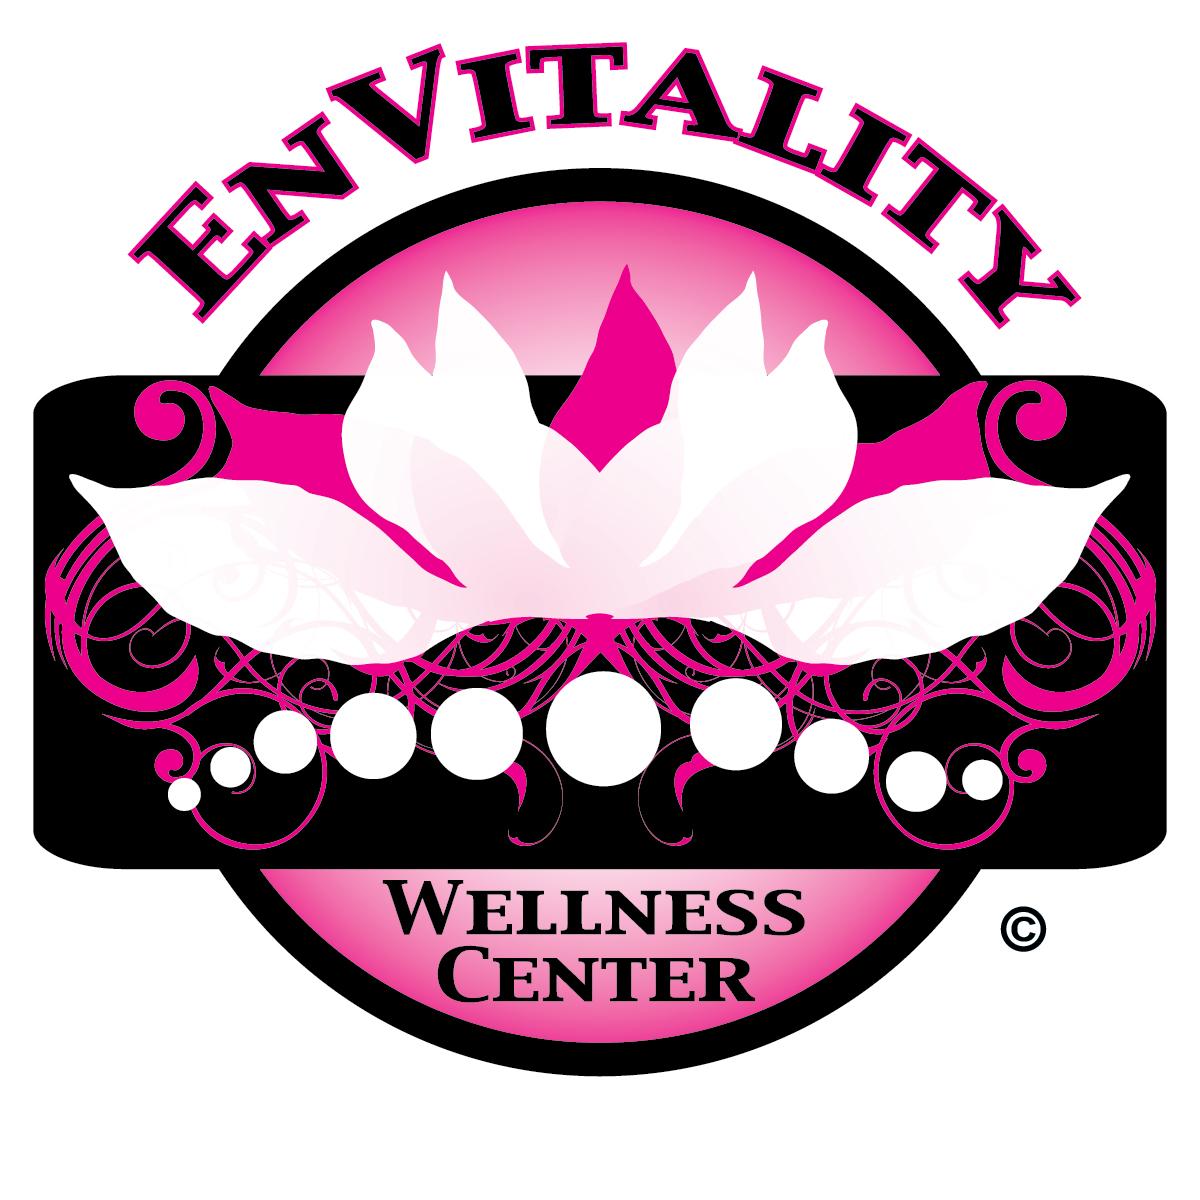 PnkEnvitatlity_logo_onwht_5in.jpg